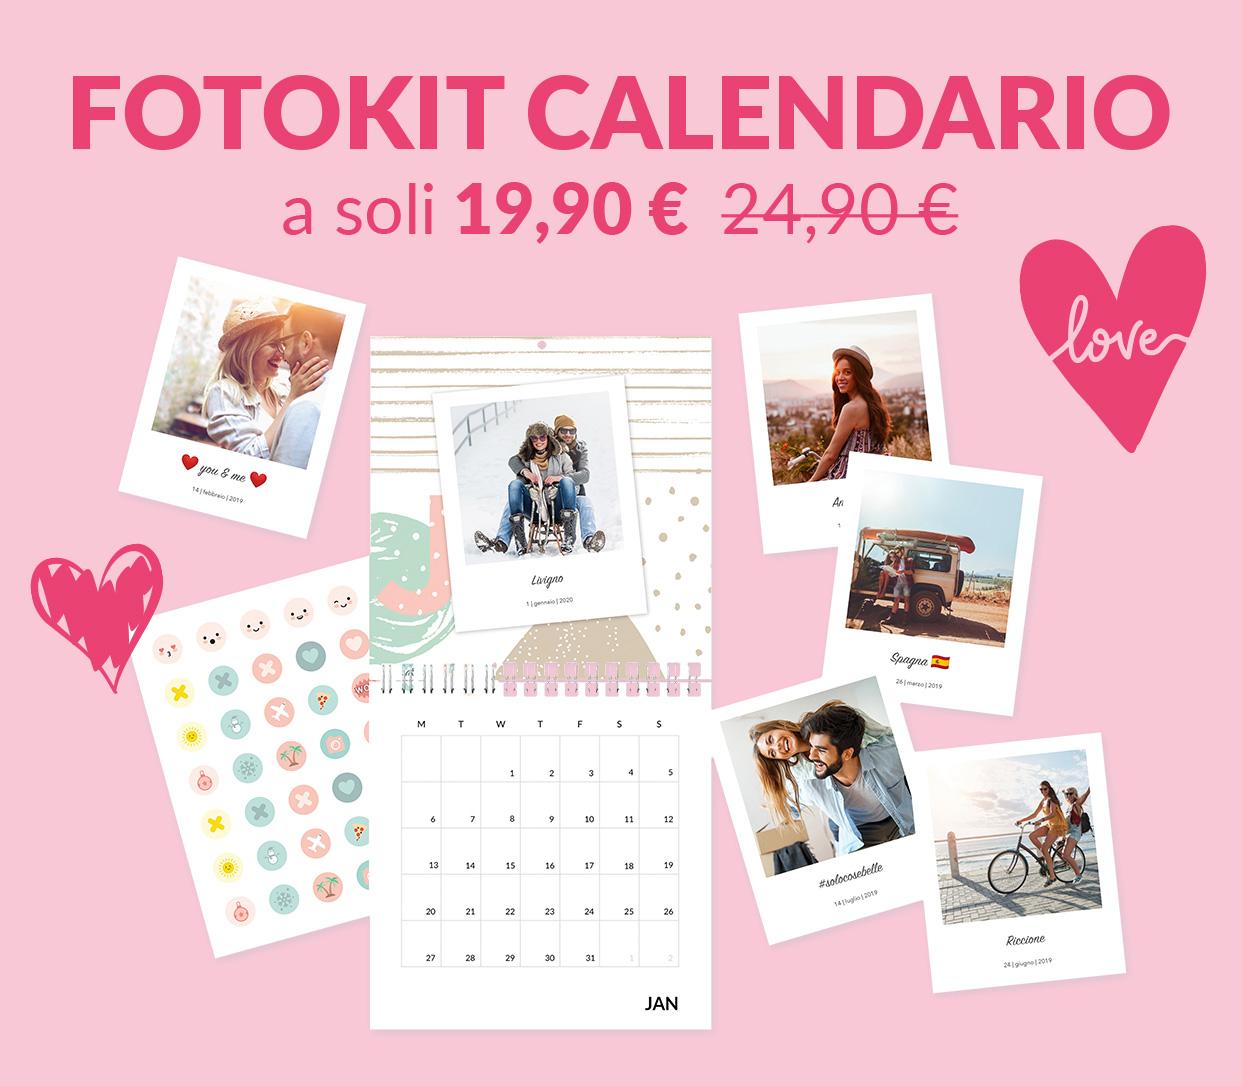 FotoKit Calendario a soli 19,90€ anziché 24,90€